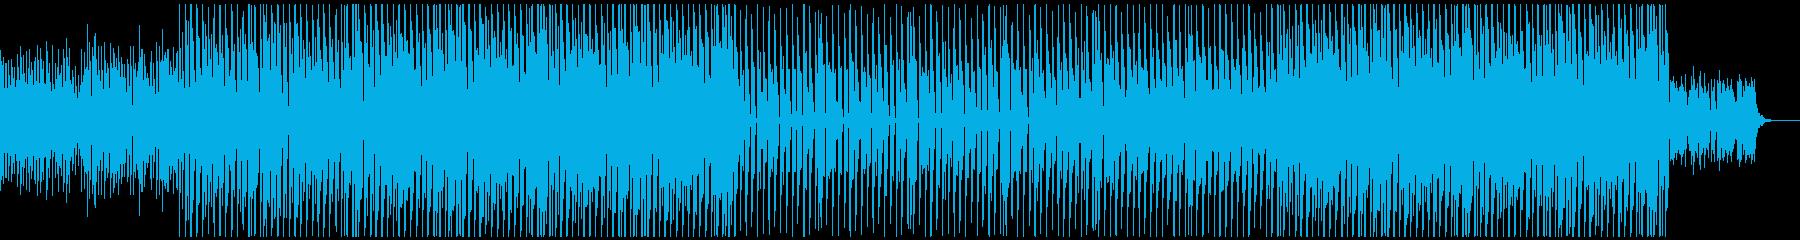 選手入場の勇ましいロックギター曲の再生済みの波形